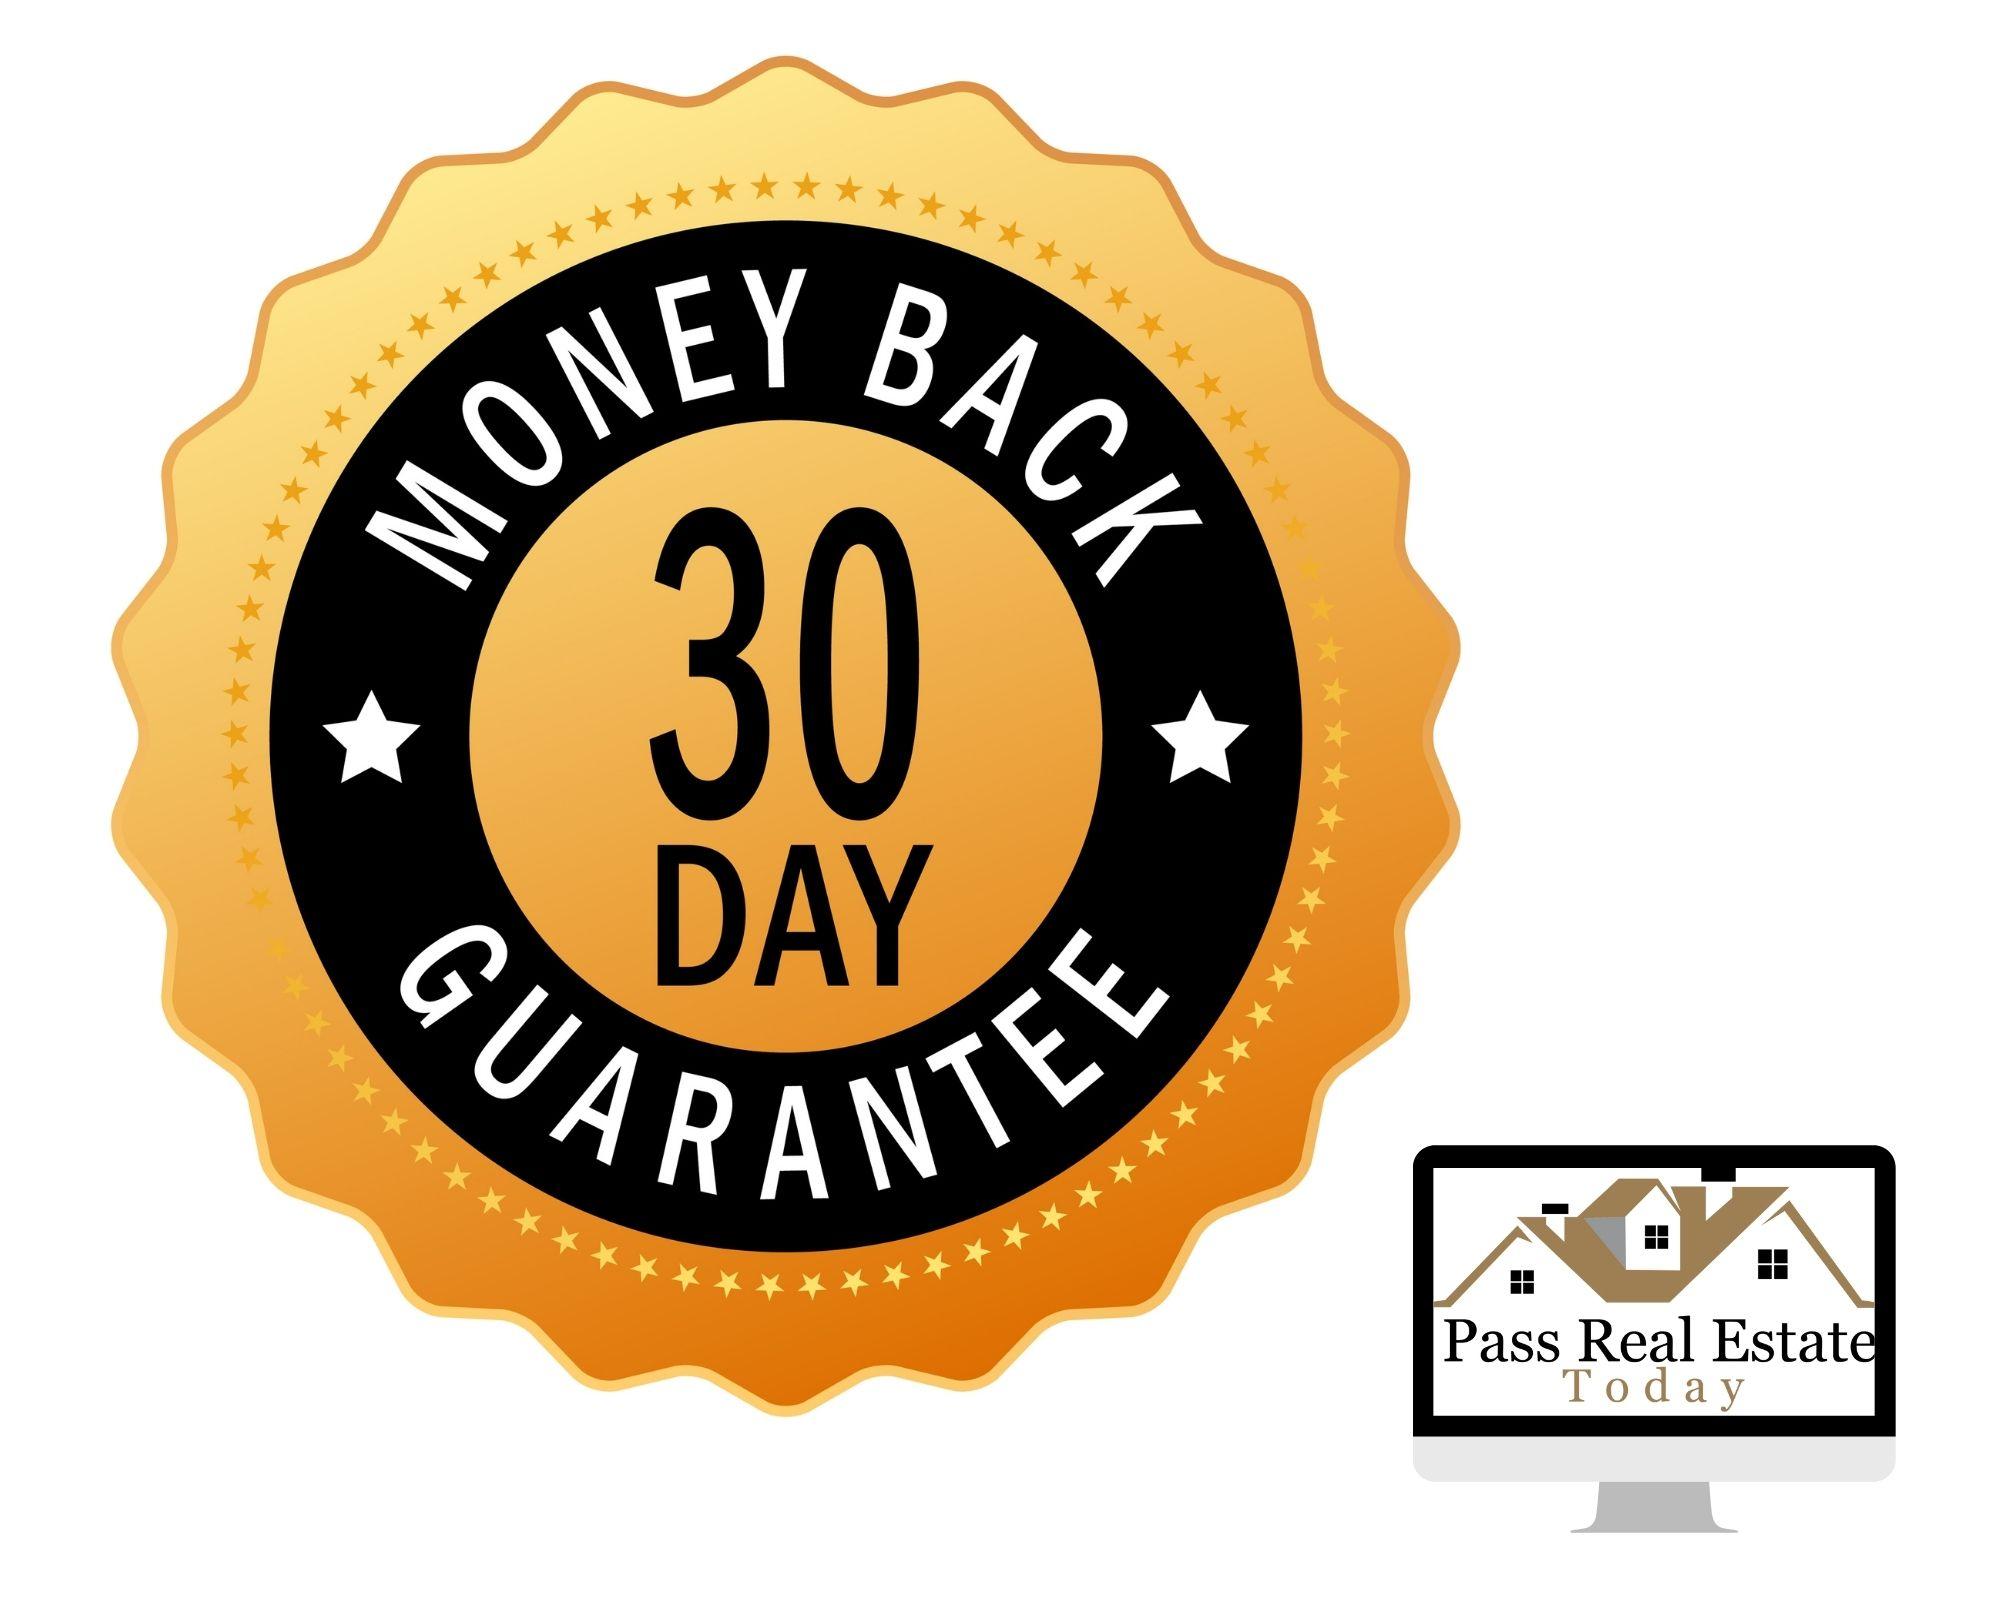 30 Day Refund